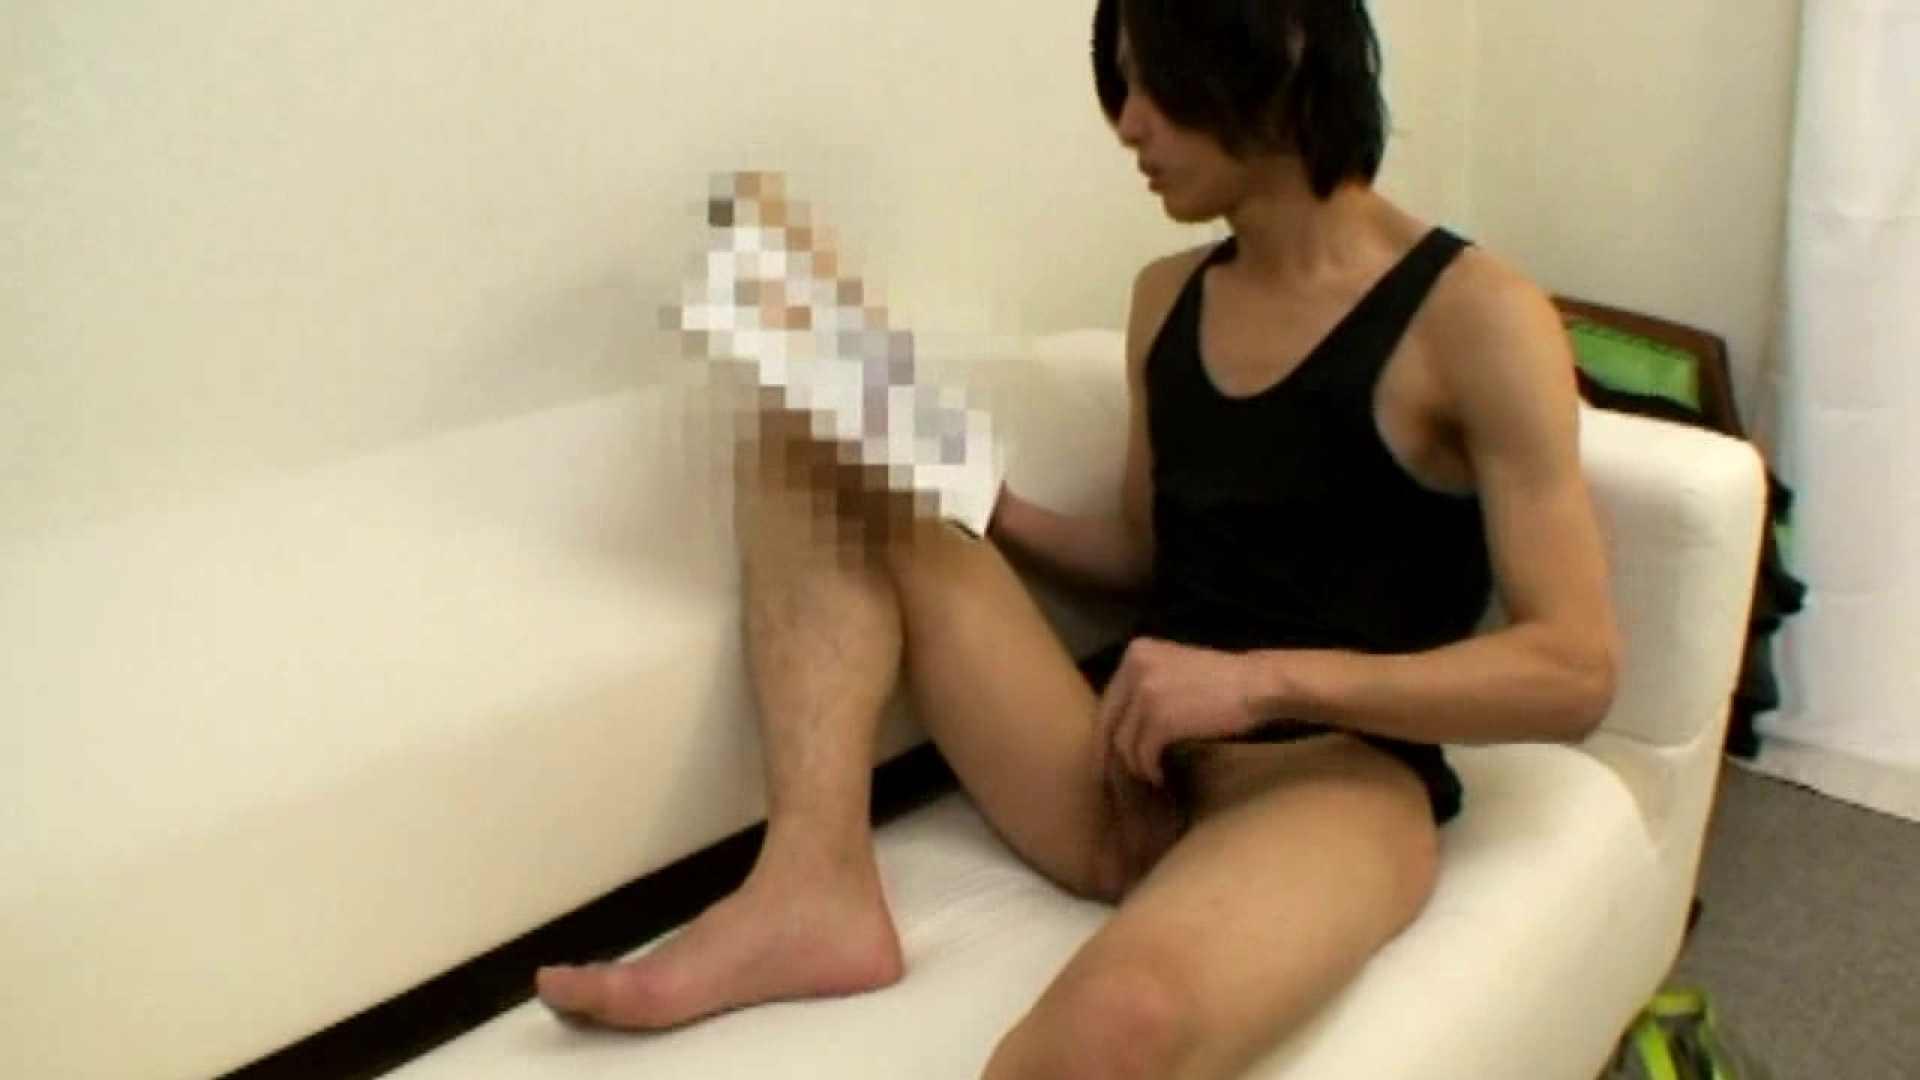 シャワー室で熱いマグマが吹き上がる! 男・男 ゲイエロビデオ画像 106pic 91